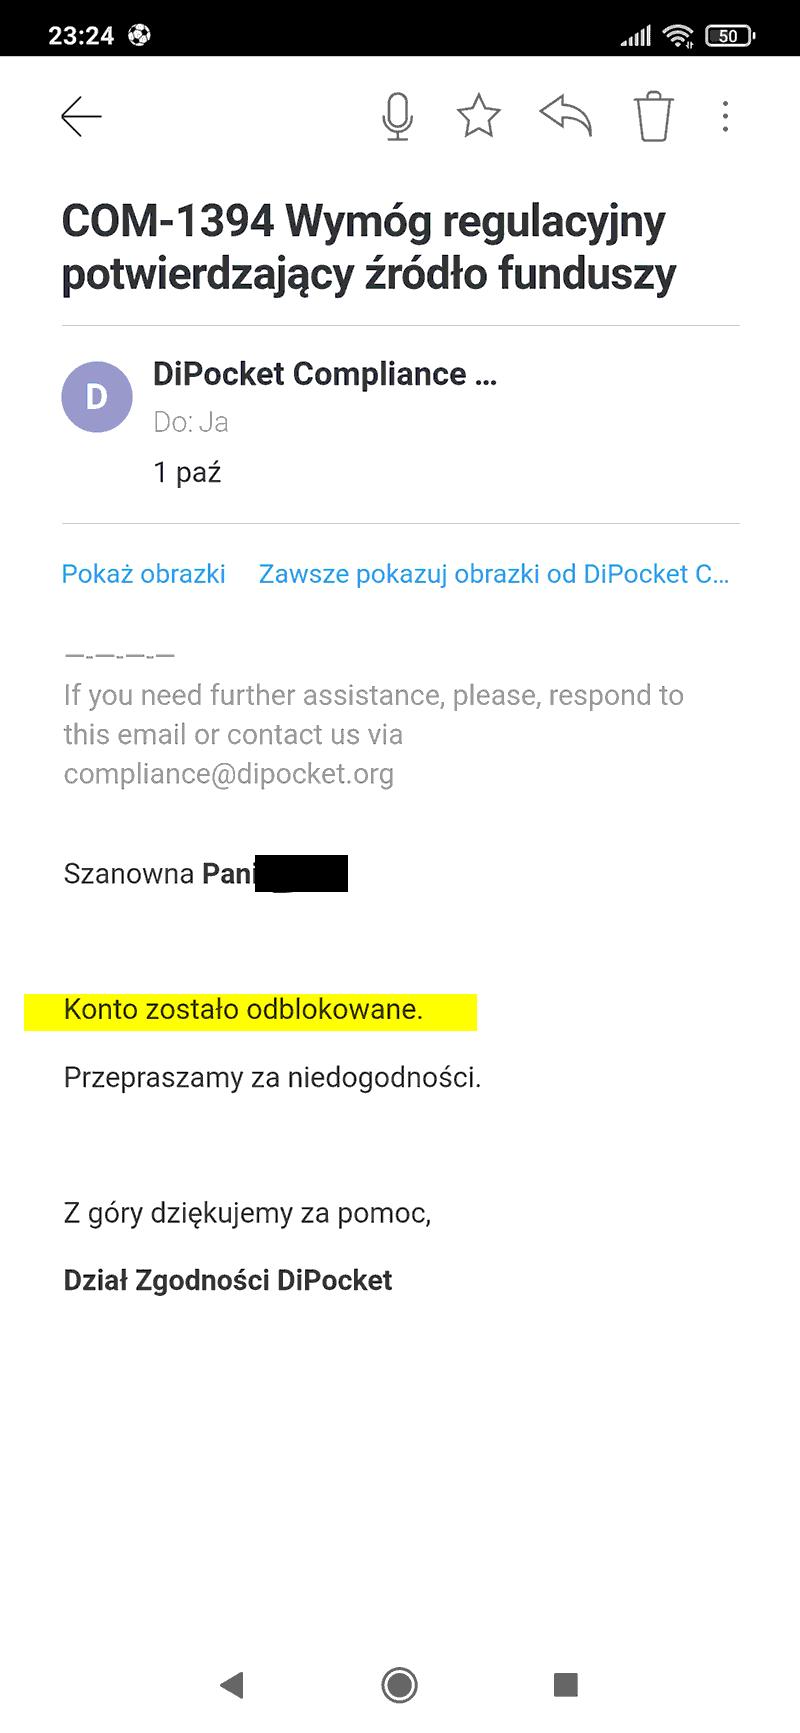 Nie trudno odpowiedzieć na pytanie jak odblokować konto w Dipocket